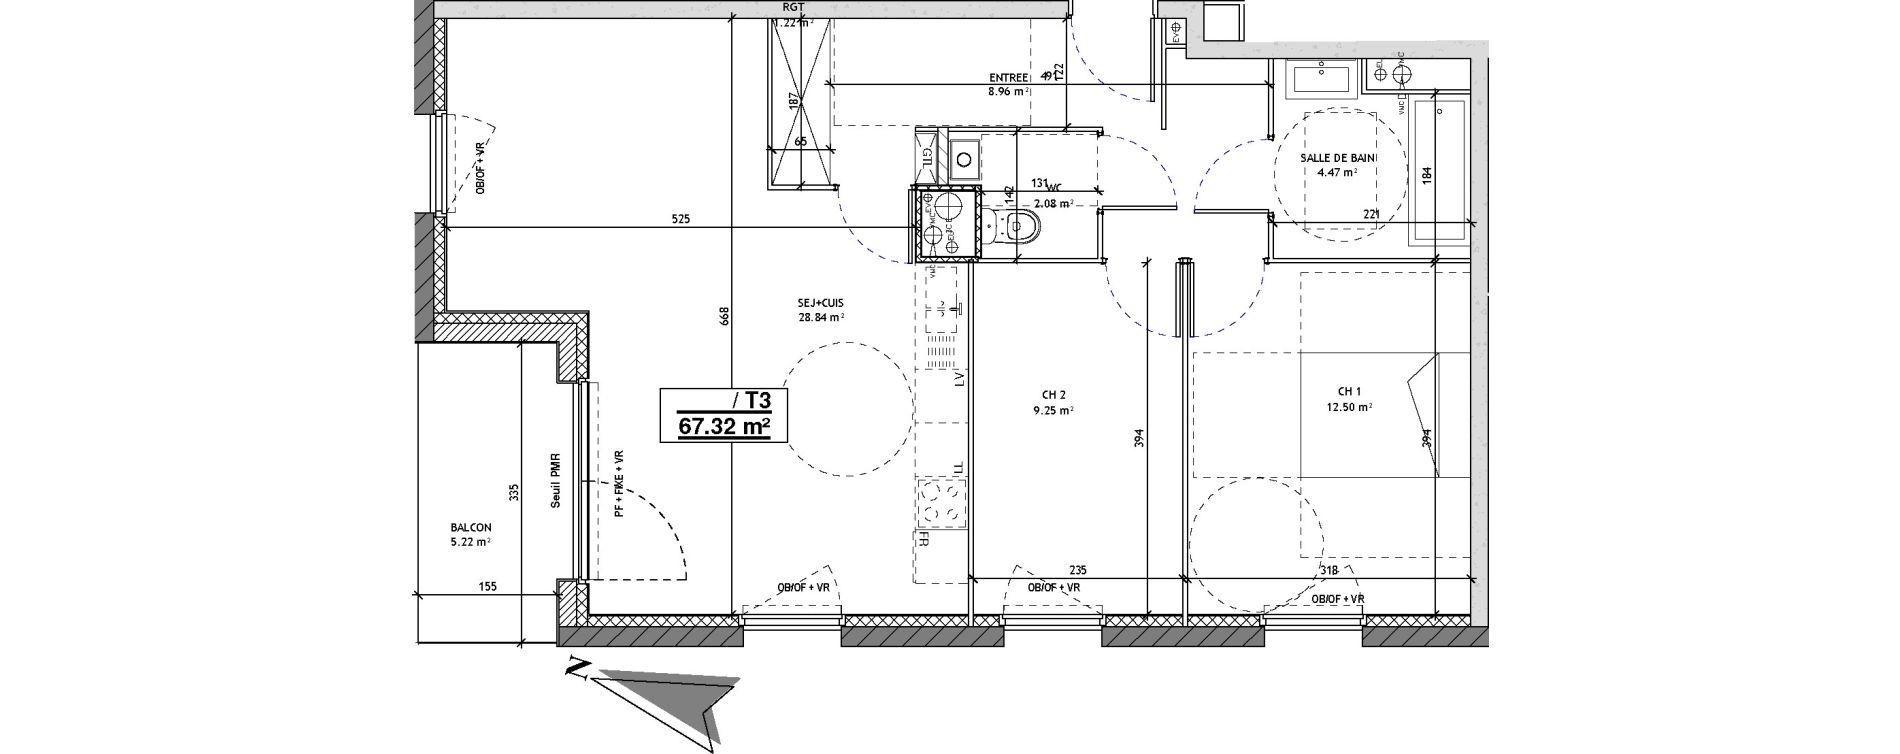 Appartement T3 de 67,32 m2 à Mons-En-Barœul Centre